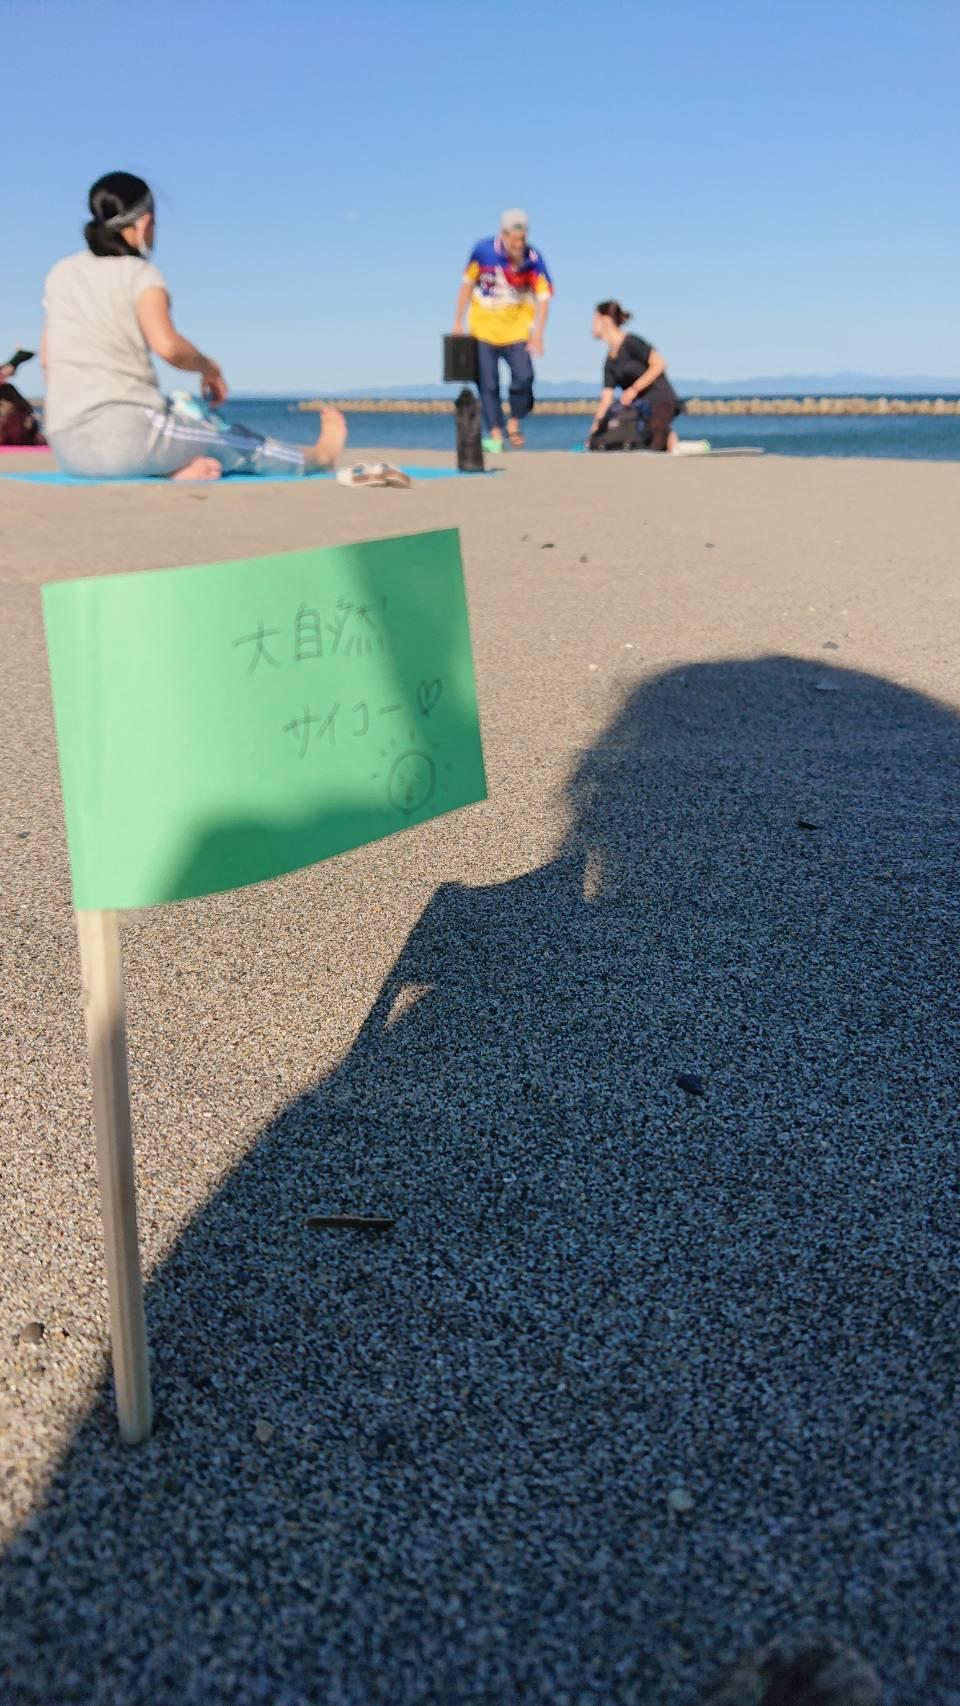 朝活してきた【新潟の海で朝ヨガ】